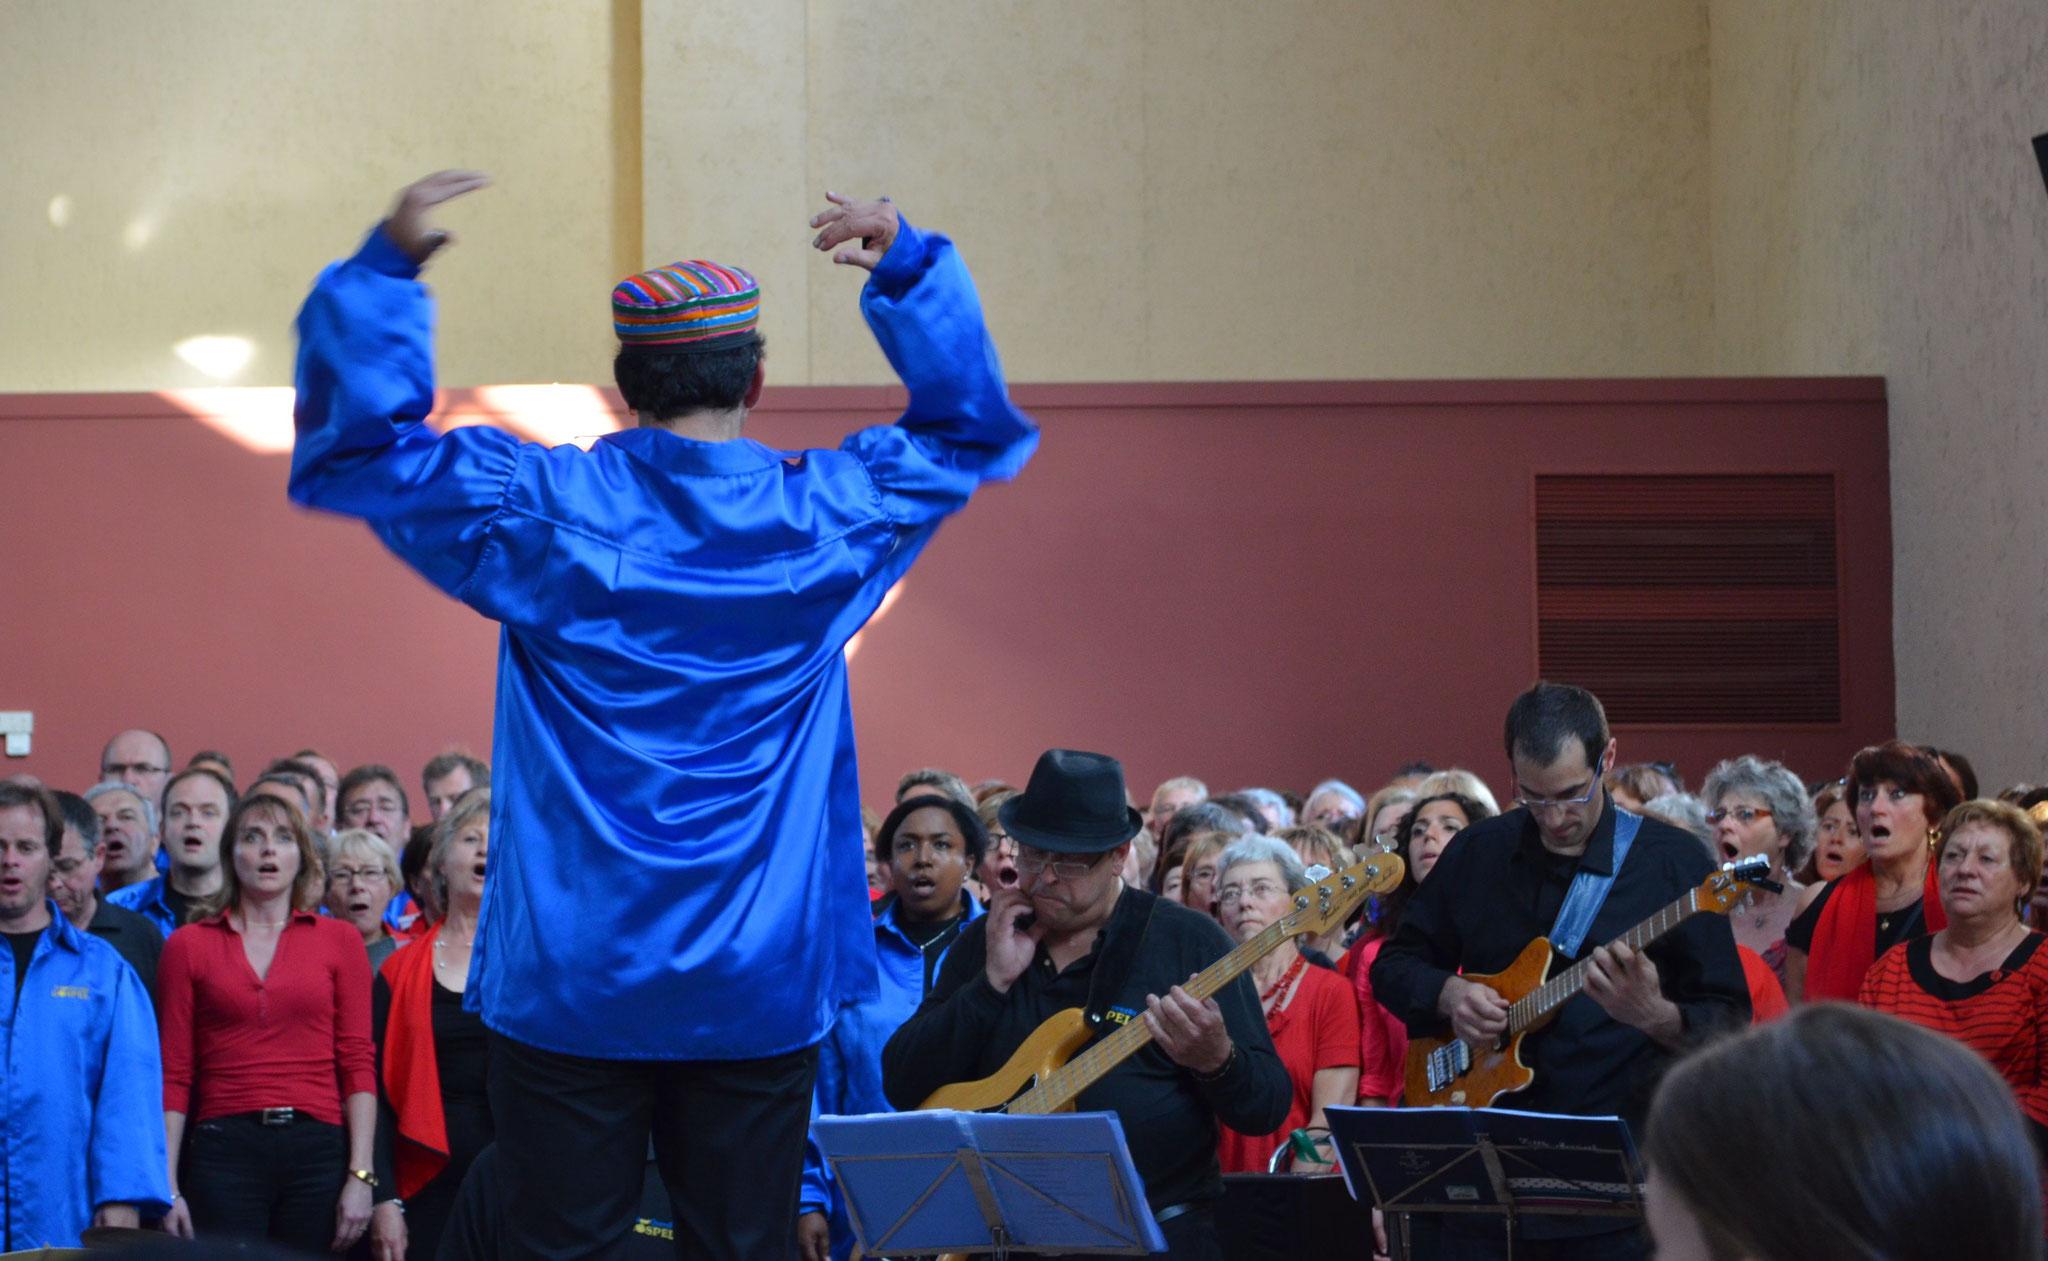 Festival des chorales 2014 à Guyancourt